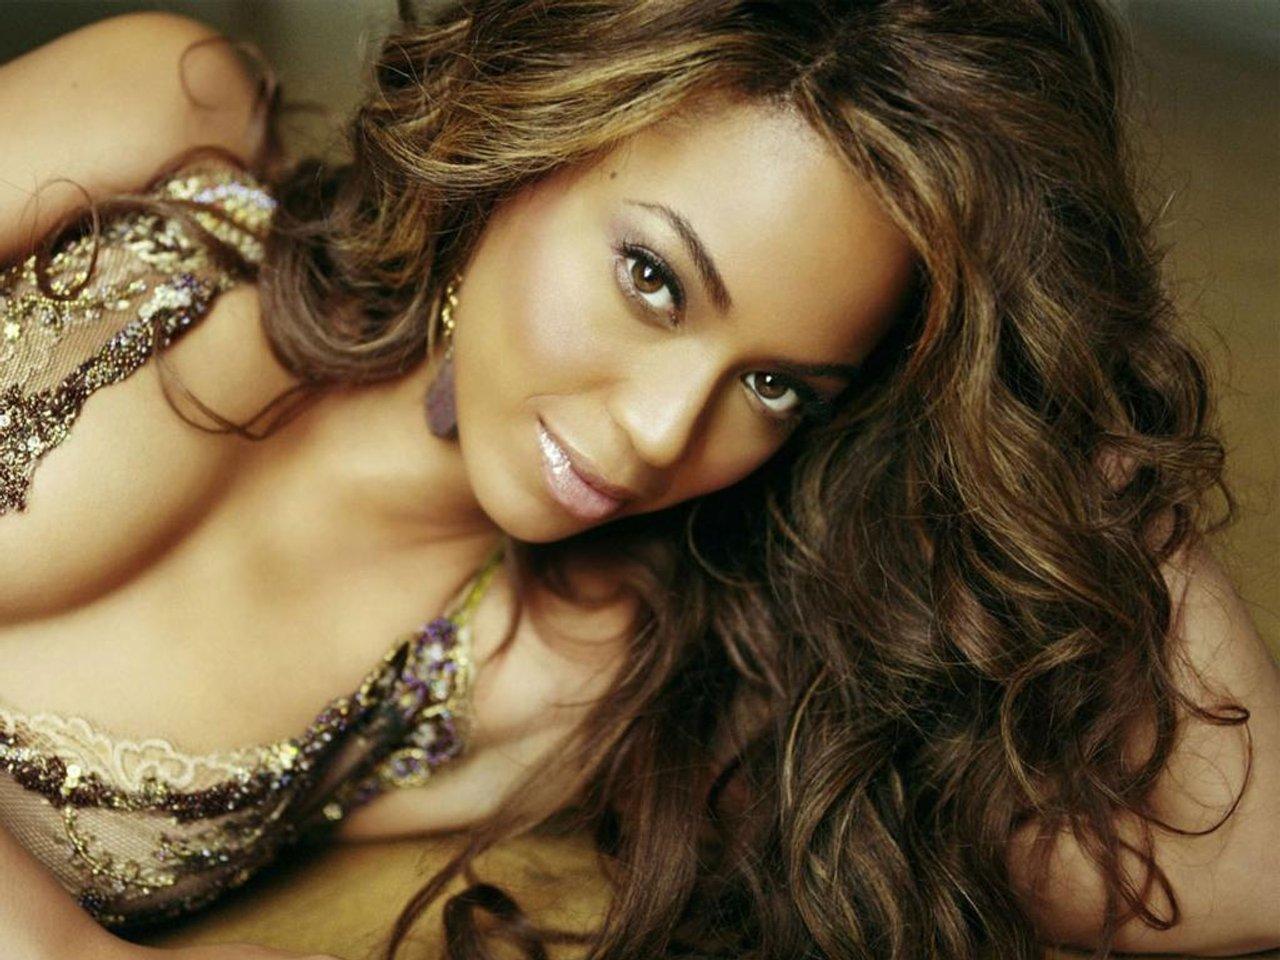 http://2.bp.blogspot.com/_c7Bgflh6dIM/TTmTaHfvBPI/AAAAAAAABIQ/ew4oyW4ogzI/s1600/Beyonce-001.jpg